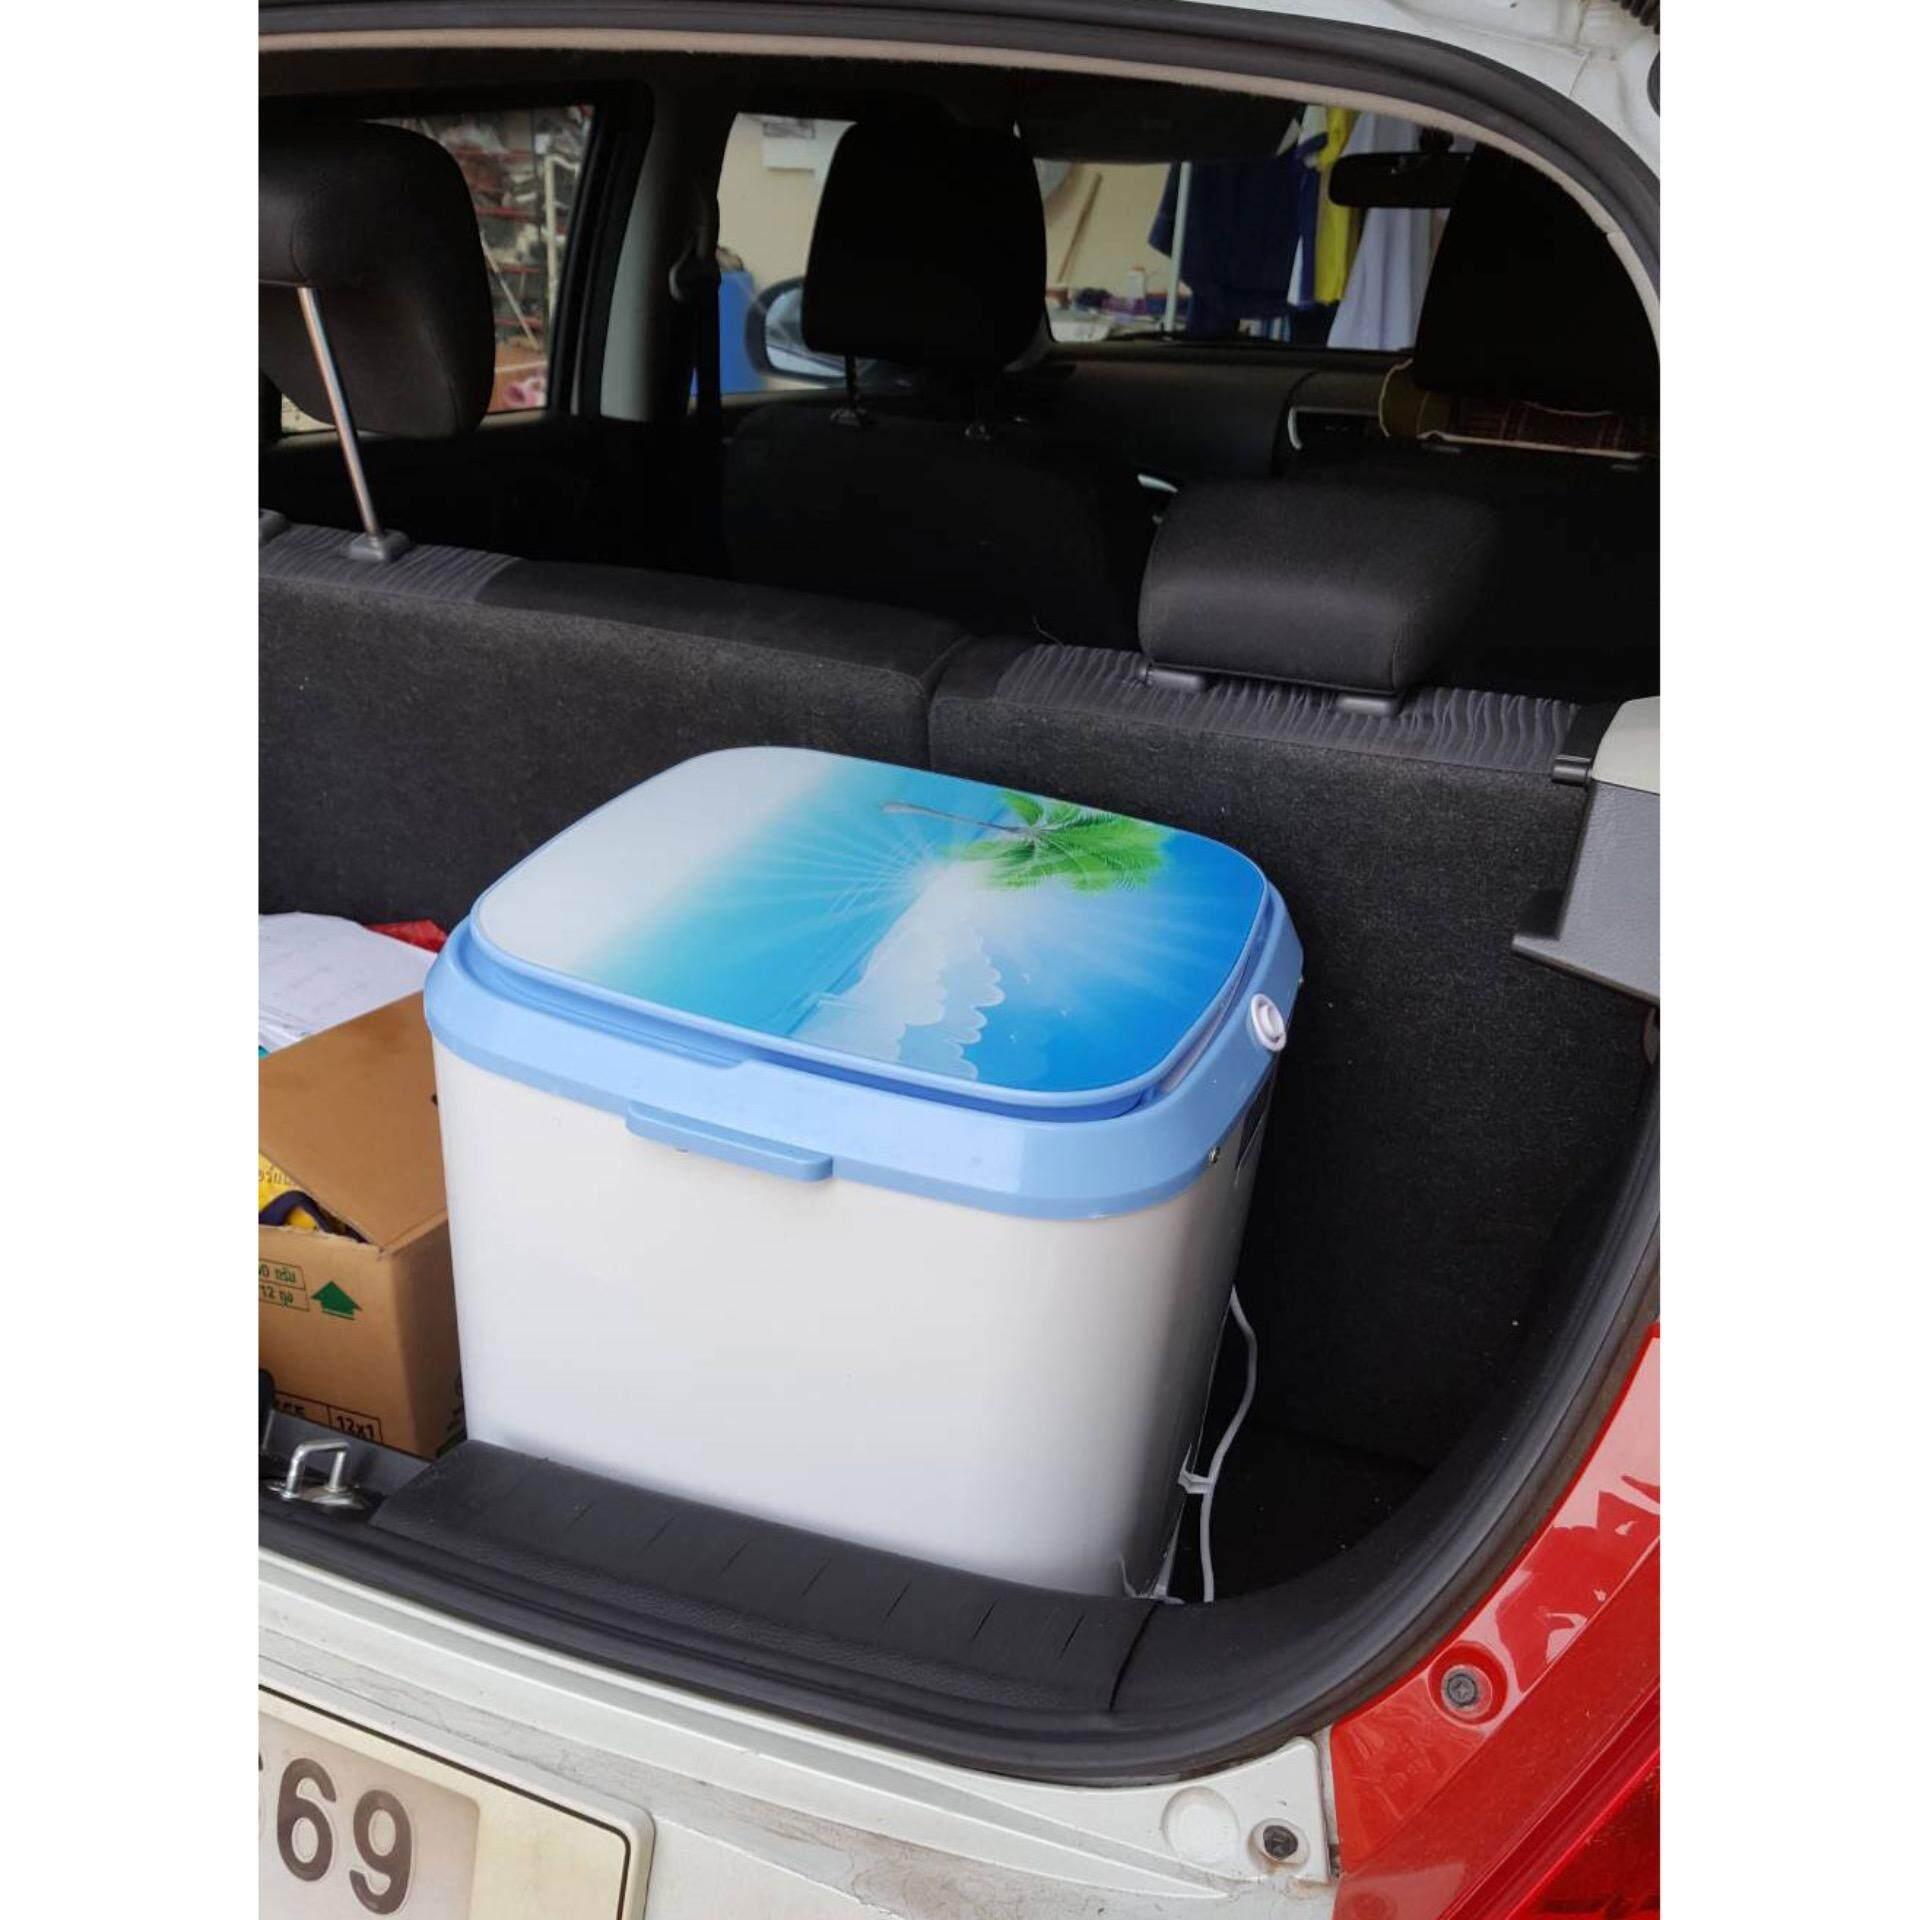 คูปองส่วนลดเมื่อซื้อ เครื่องซักผ้า Meier ลด -60% เครื่องซักผ้ามินิ ของแท้ ราคาถูก